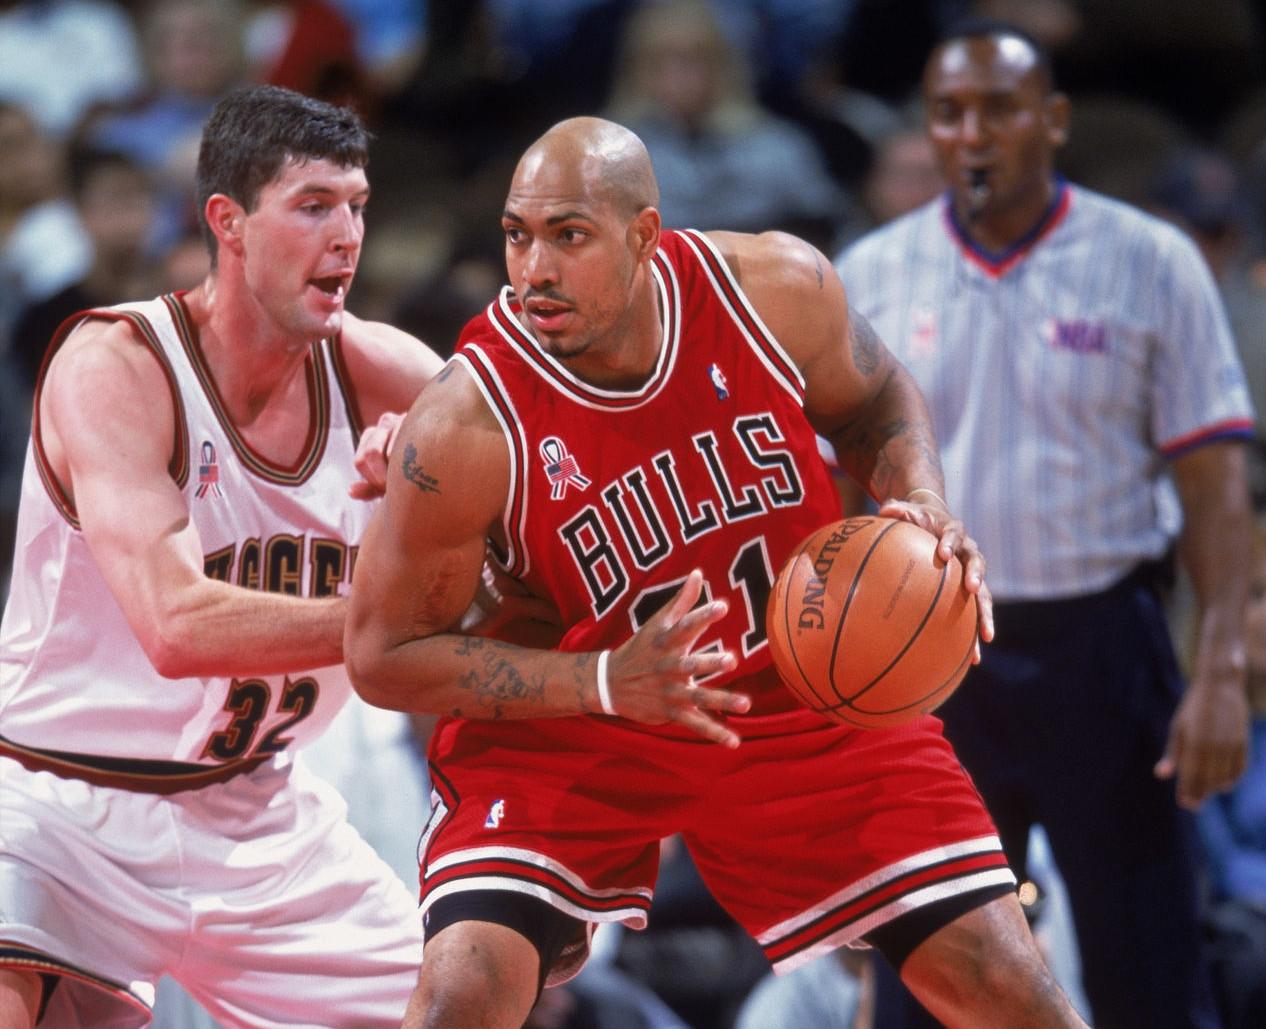 Marcus Fizer, Chicago Bulls